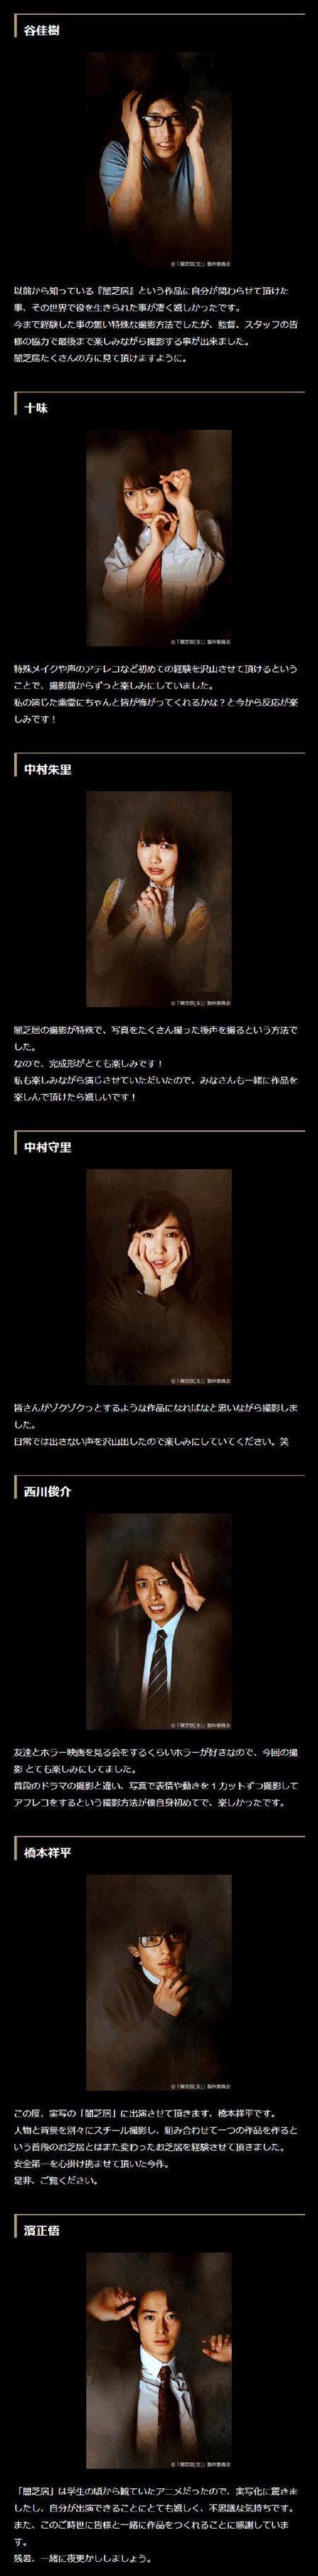 动画「暗芝居」将真人电视剧化 9月9日开播